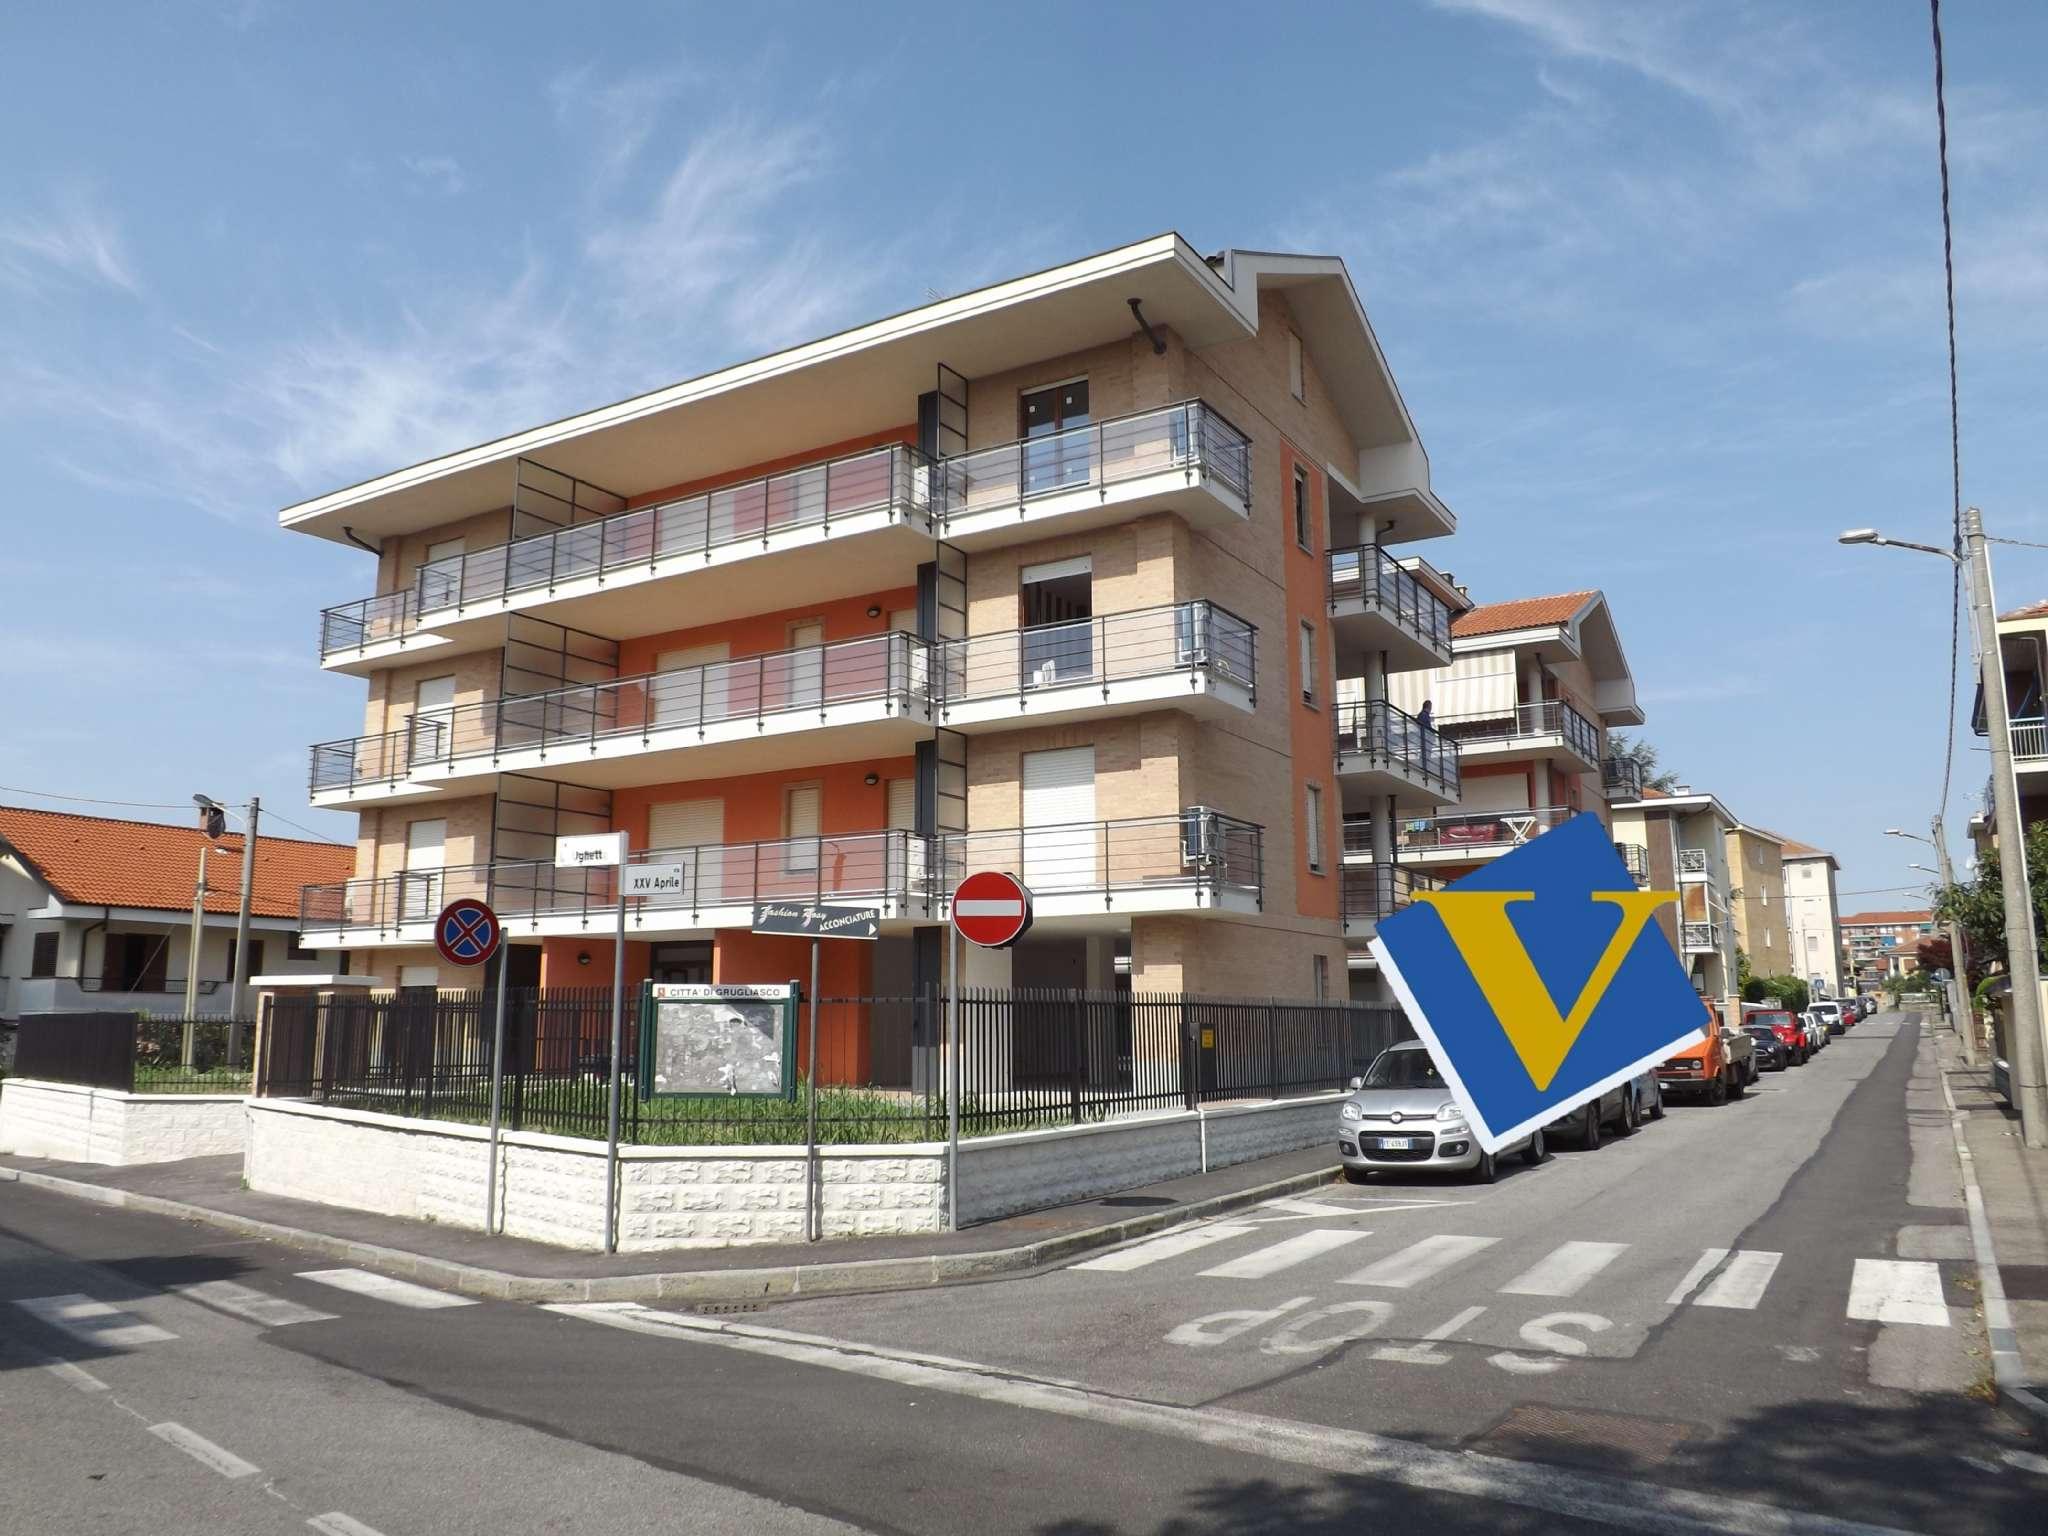 Appartamento in vendita a Rivoli, 3 locali, prezzo € 198.000 | PortaleAgenzieImmobiliari.it